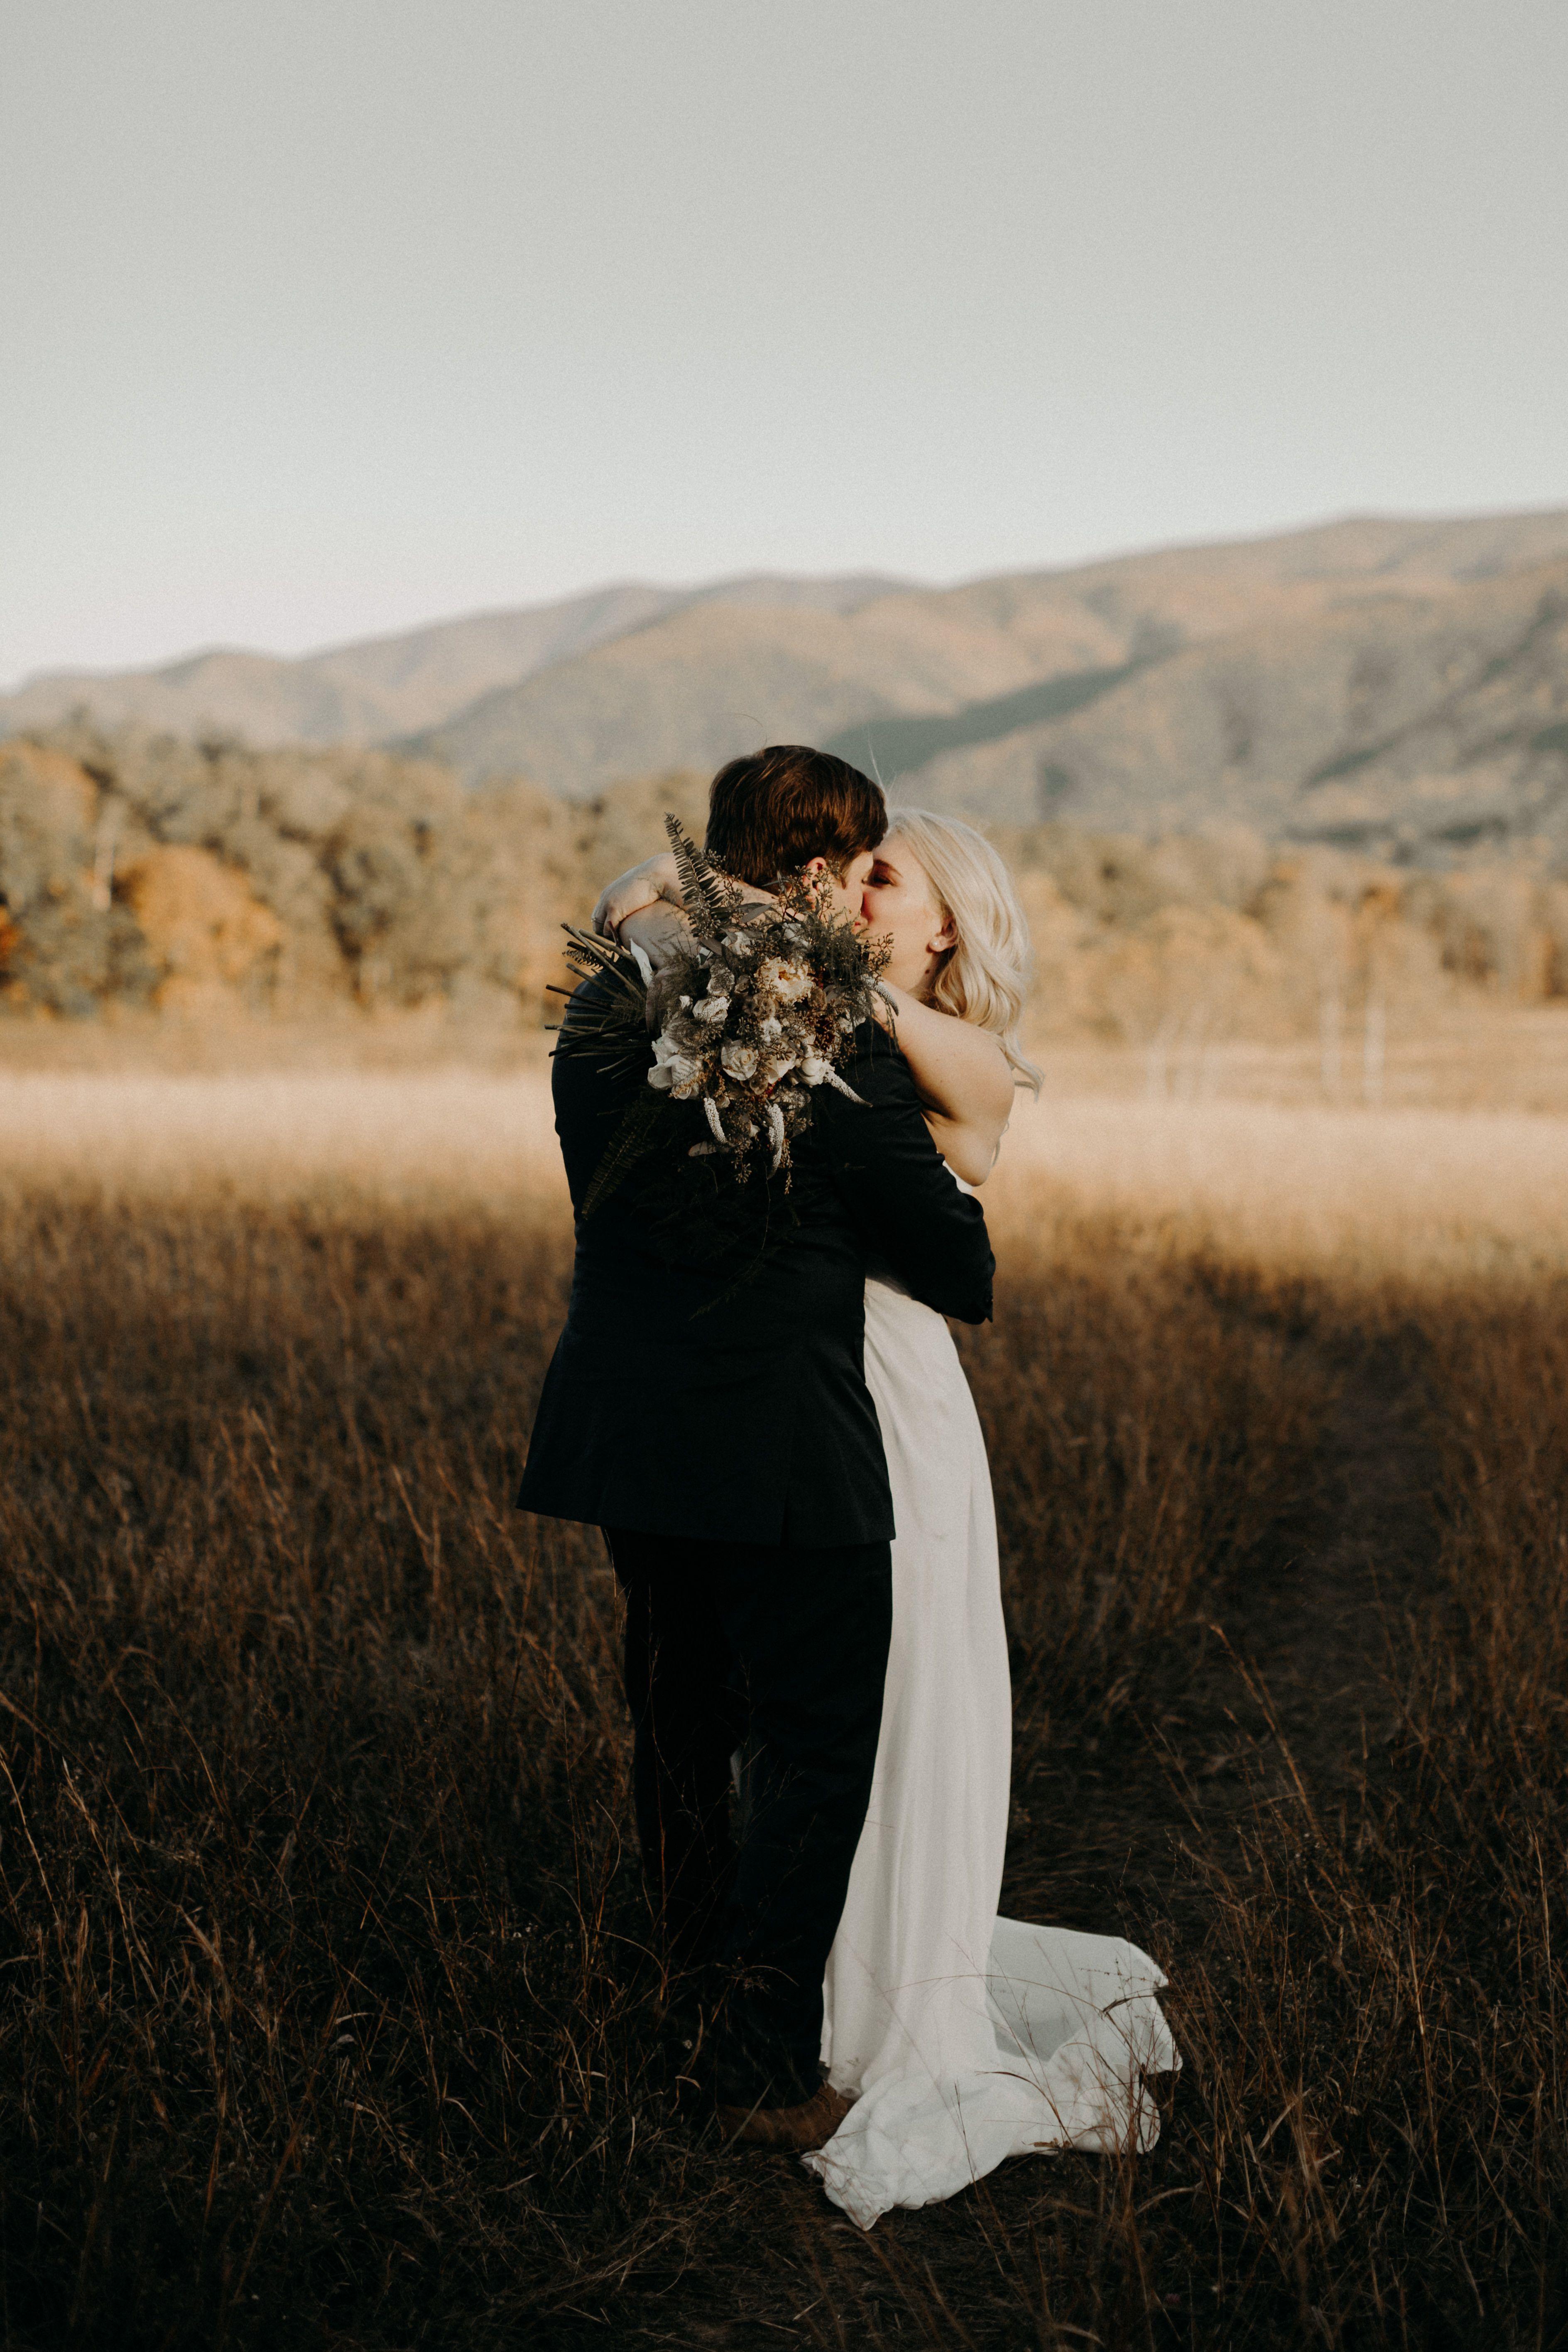 Bohemian Wedding dress ideas for Colorado Mountain